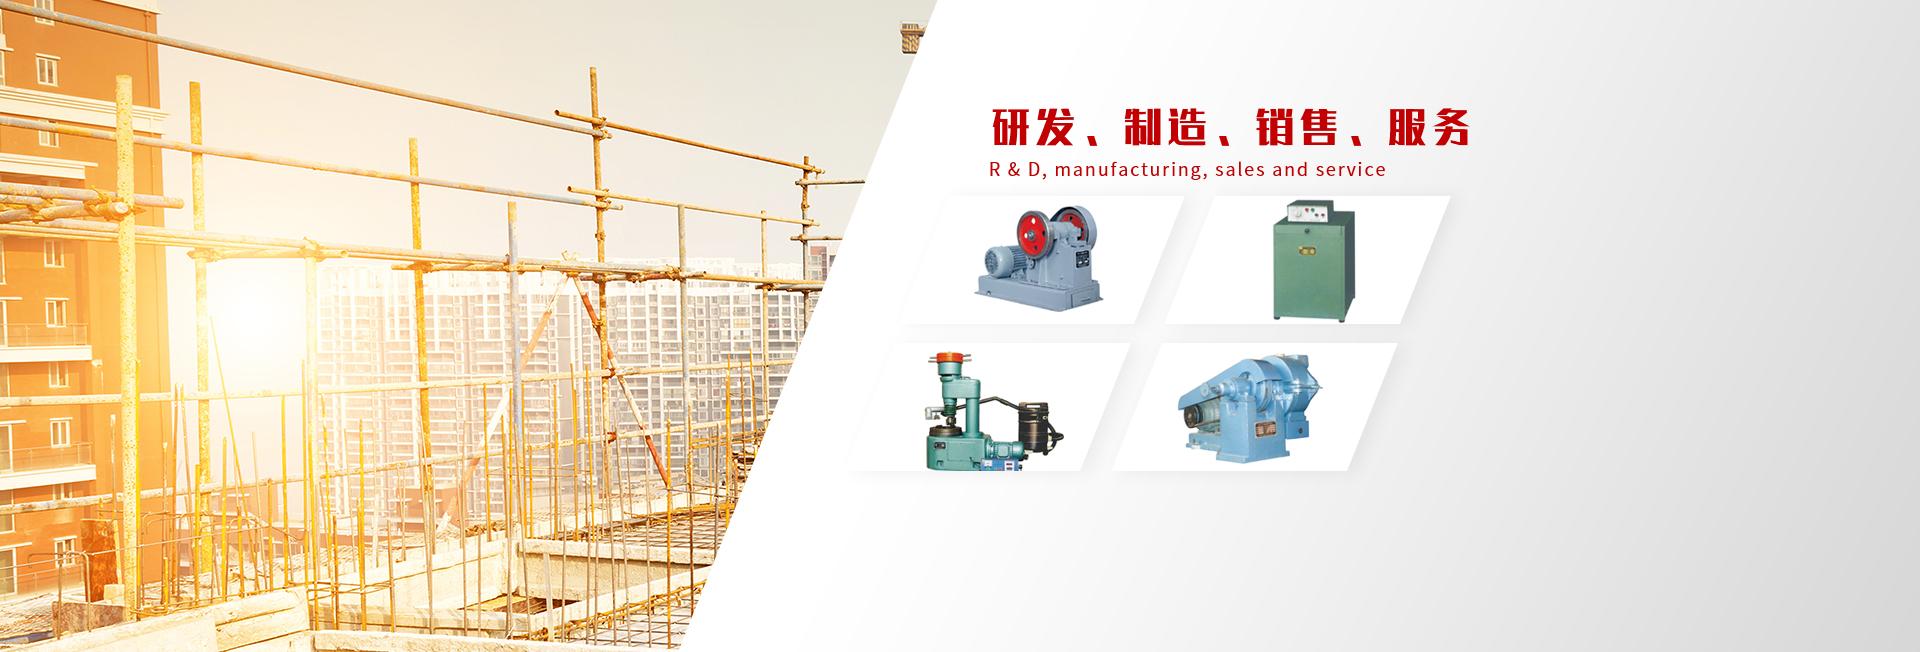 万能材料试验机,压力试验机,水泥试验仪器